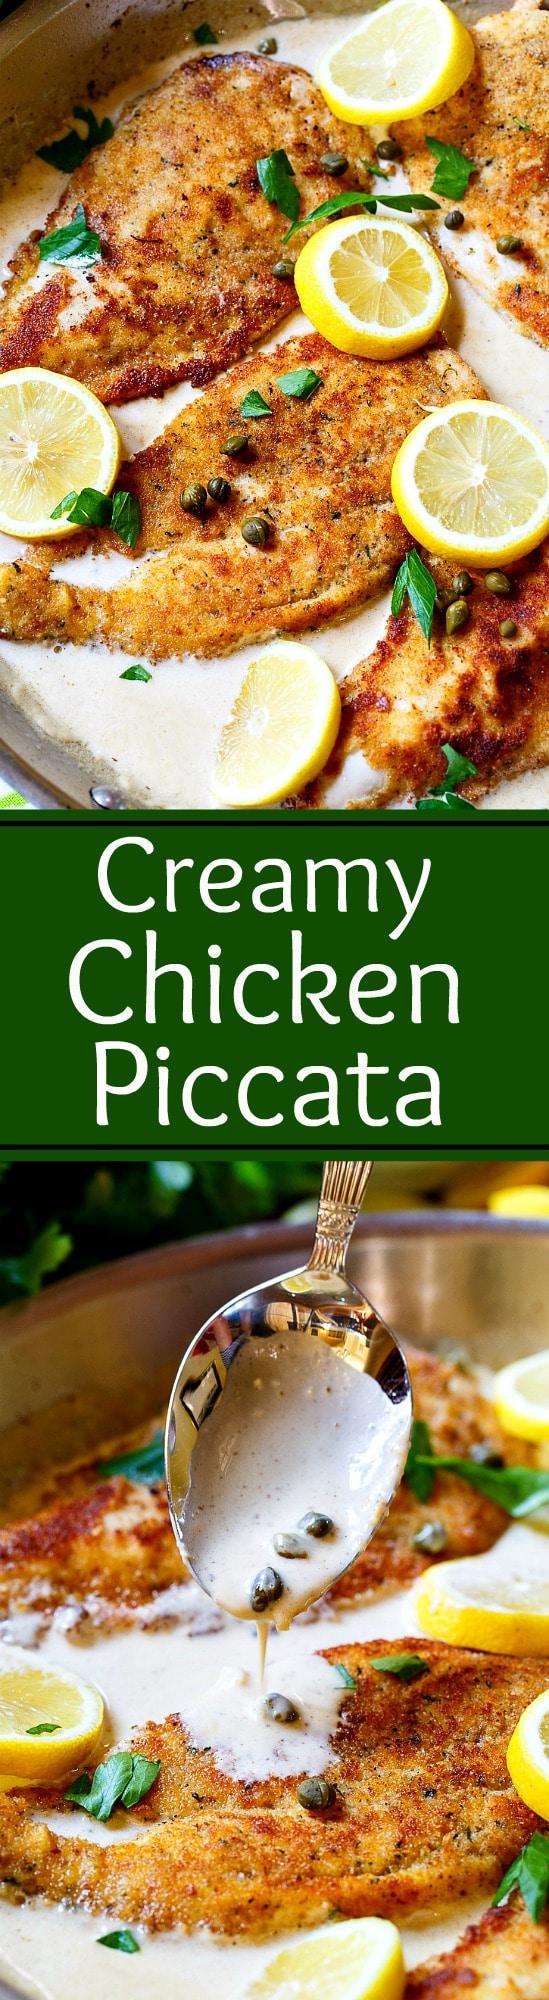 Creamy Chicken Piccata